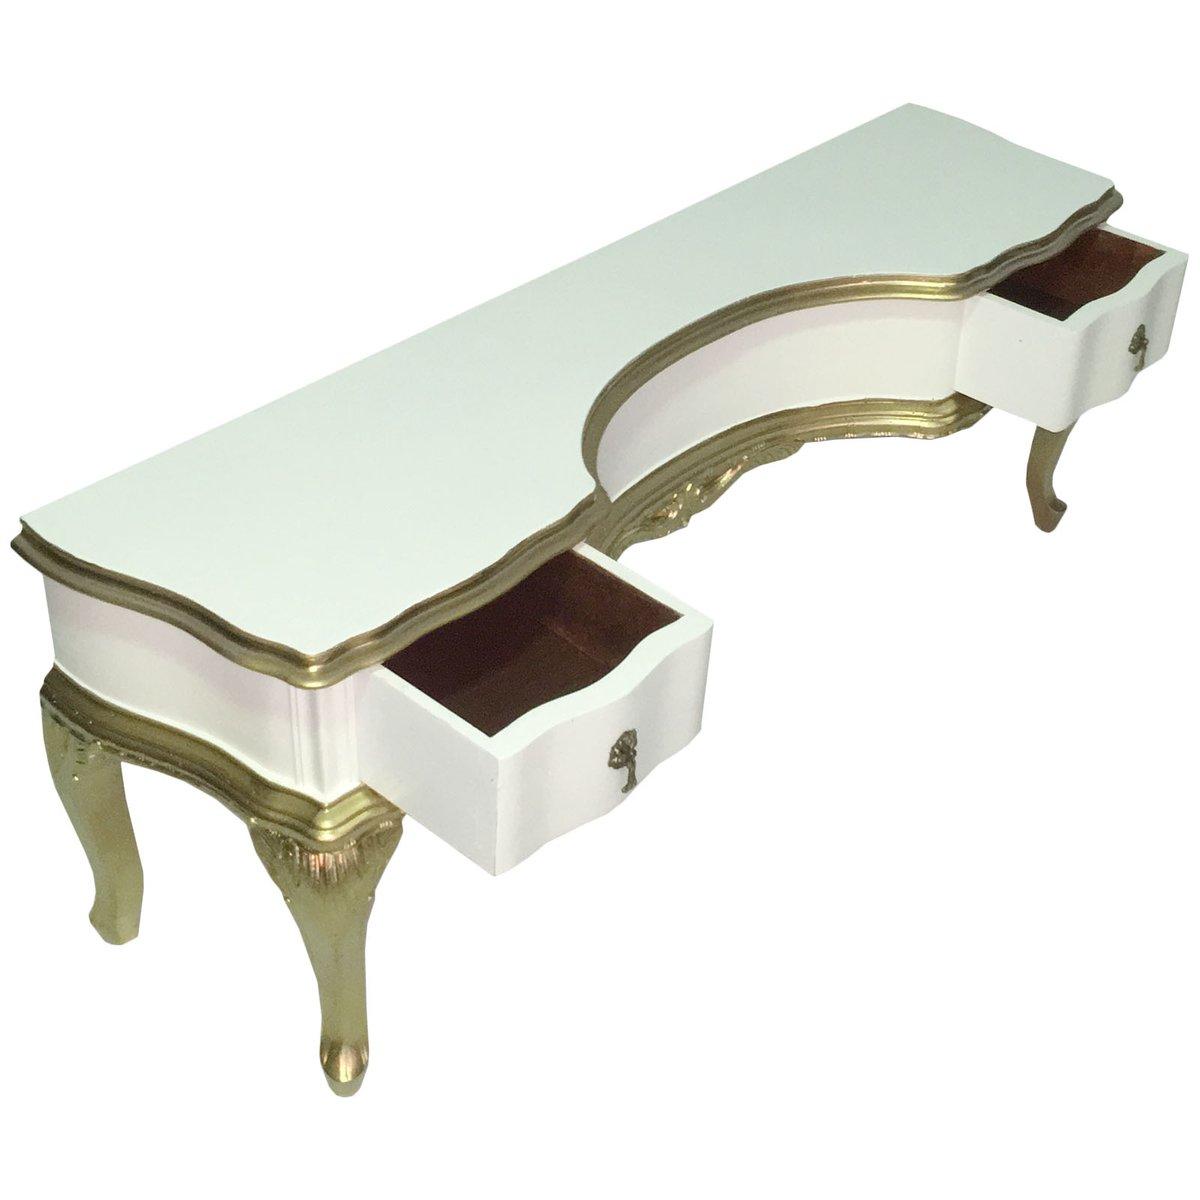 italienischer frisiertisch mit spiegel im barock stil. Black Bedroom Furniture Sets. Home Design Ideas